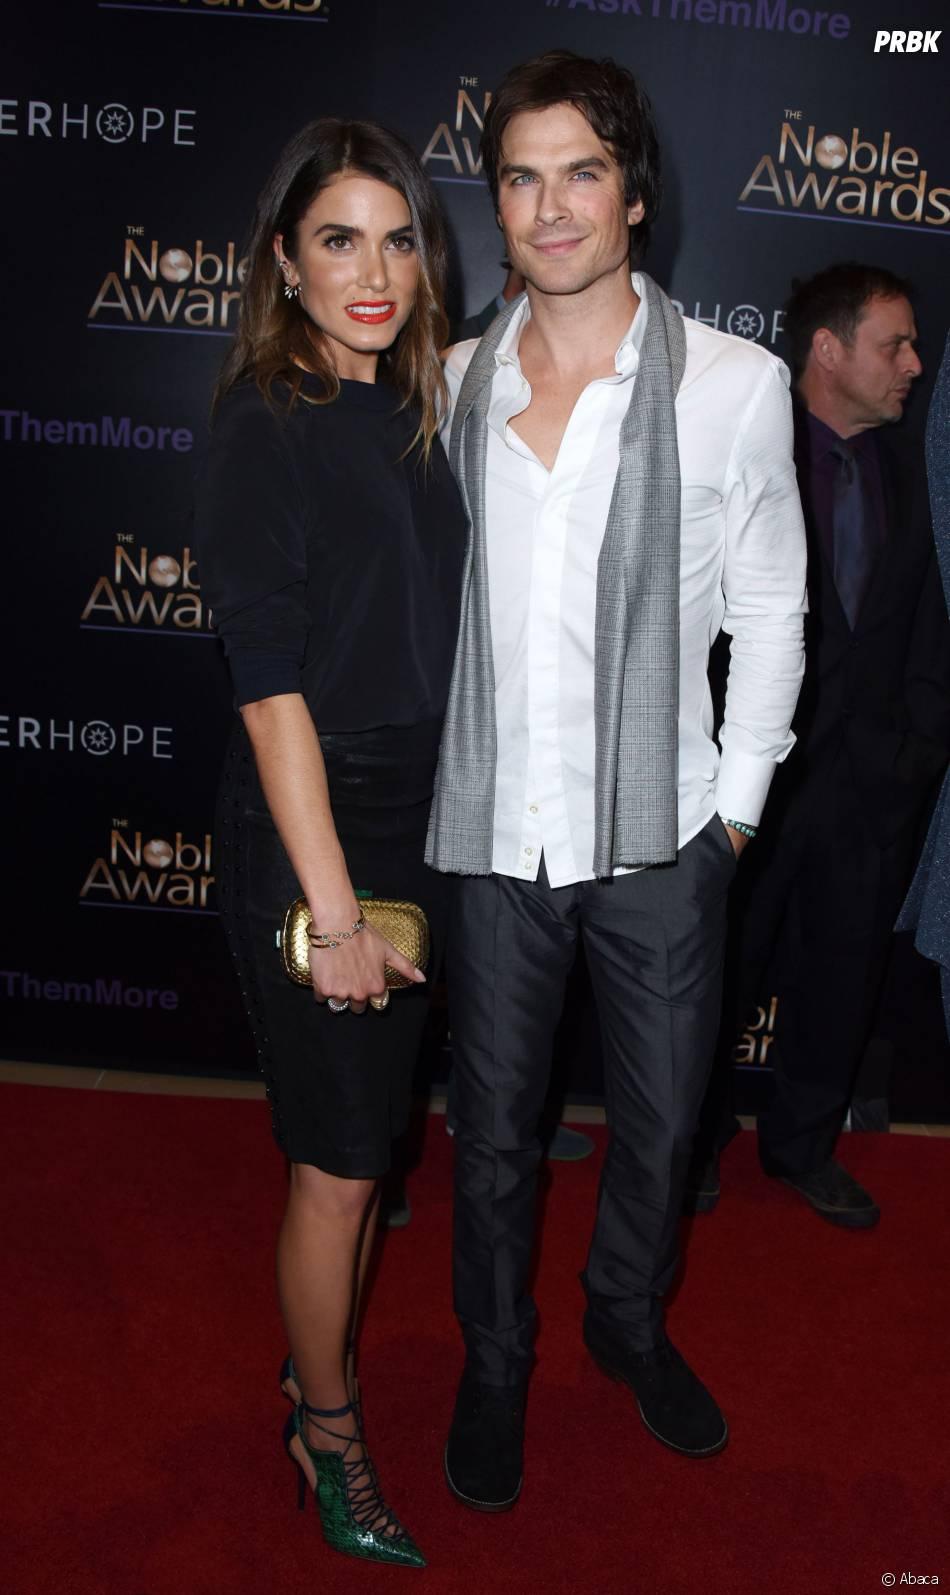 Ian Somerhalder et Nikki Reed en couple aux Noble Awards, le 27 février 2015 à Los Angeles